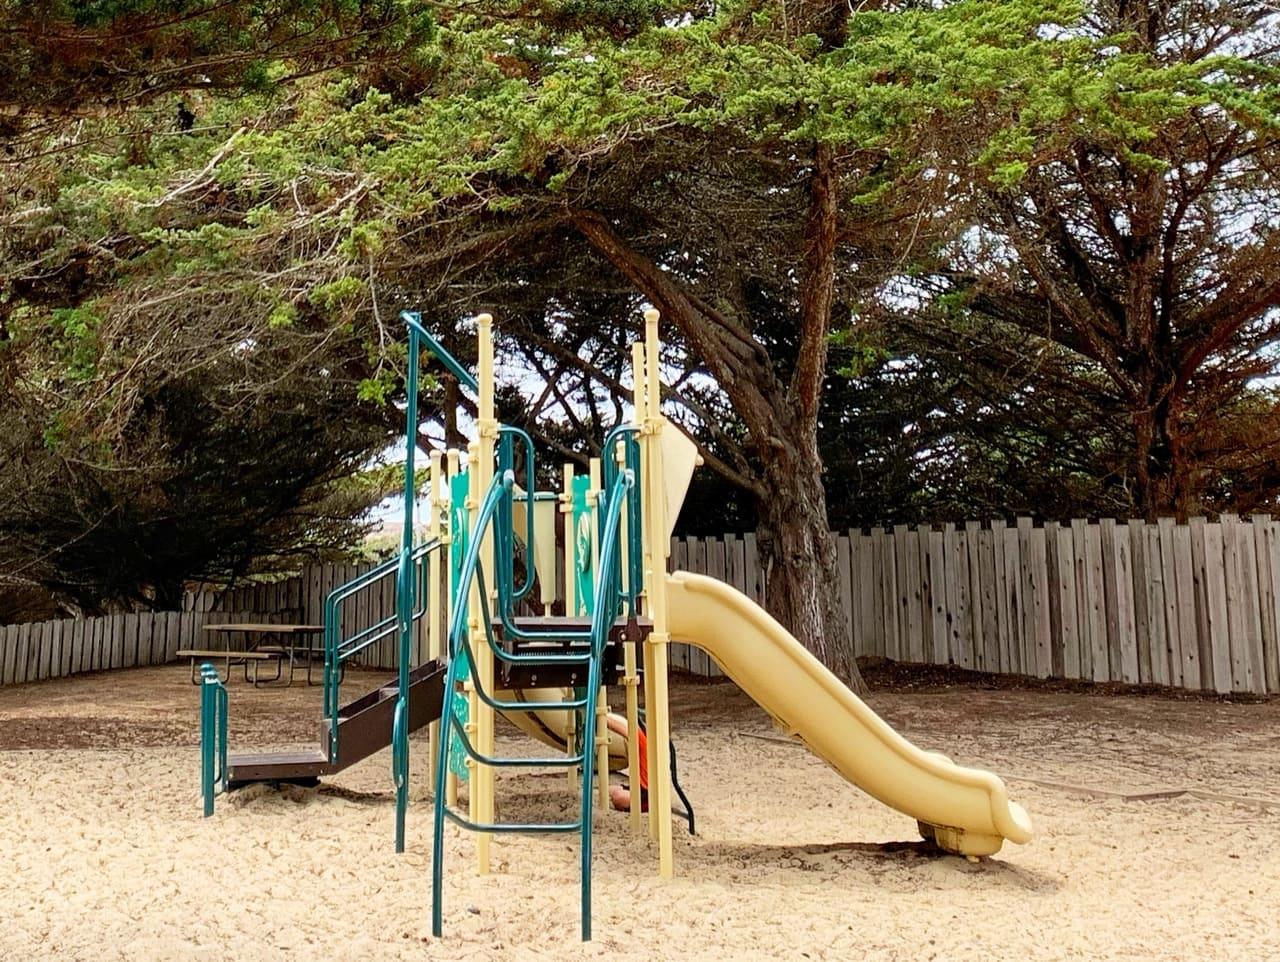 playground at Marina Dunes RV Park